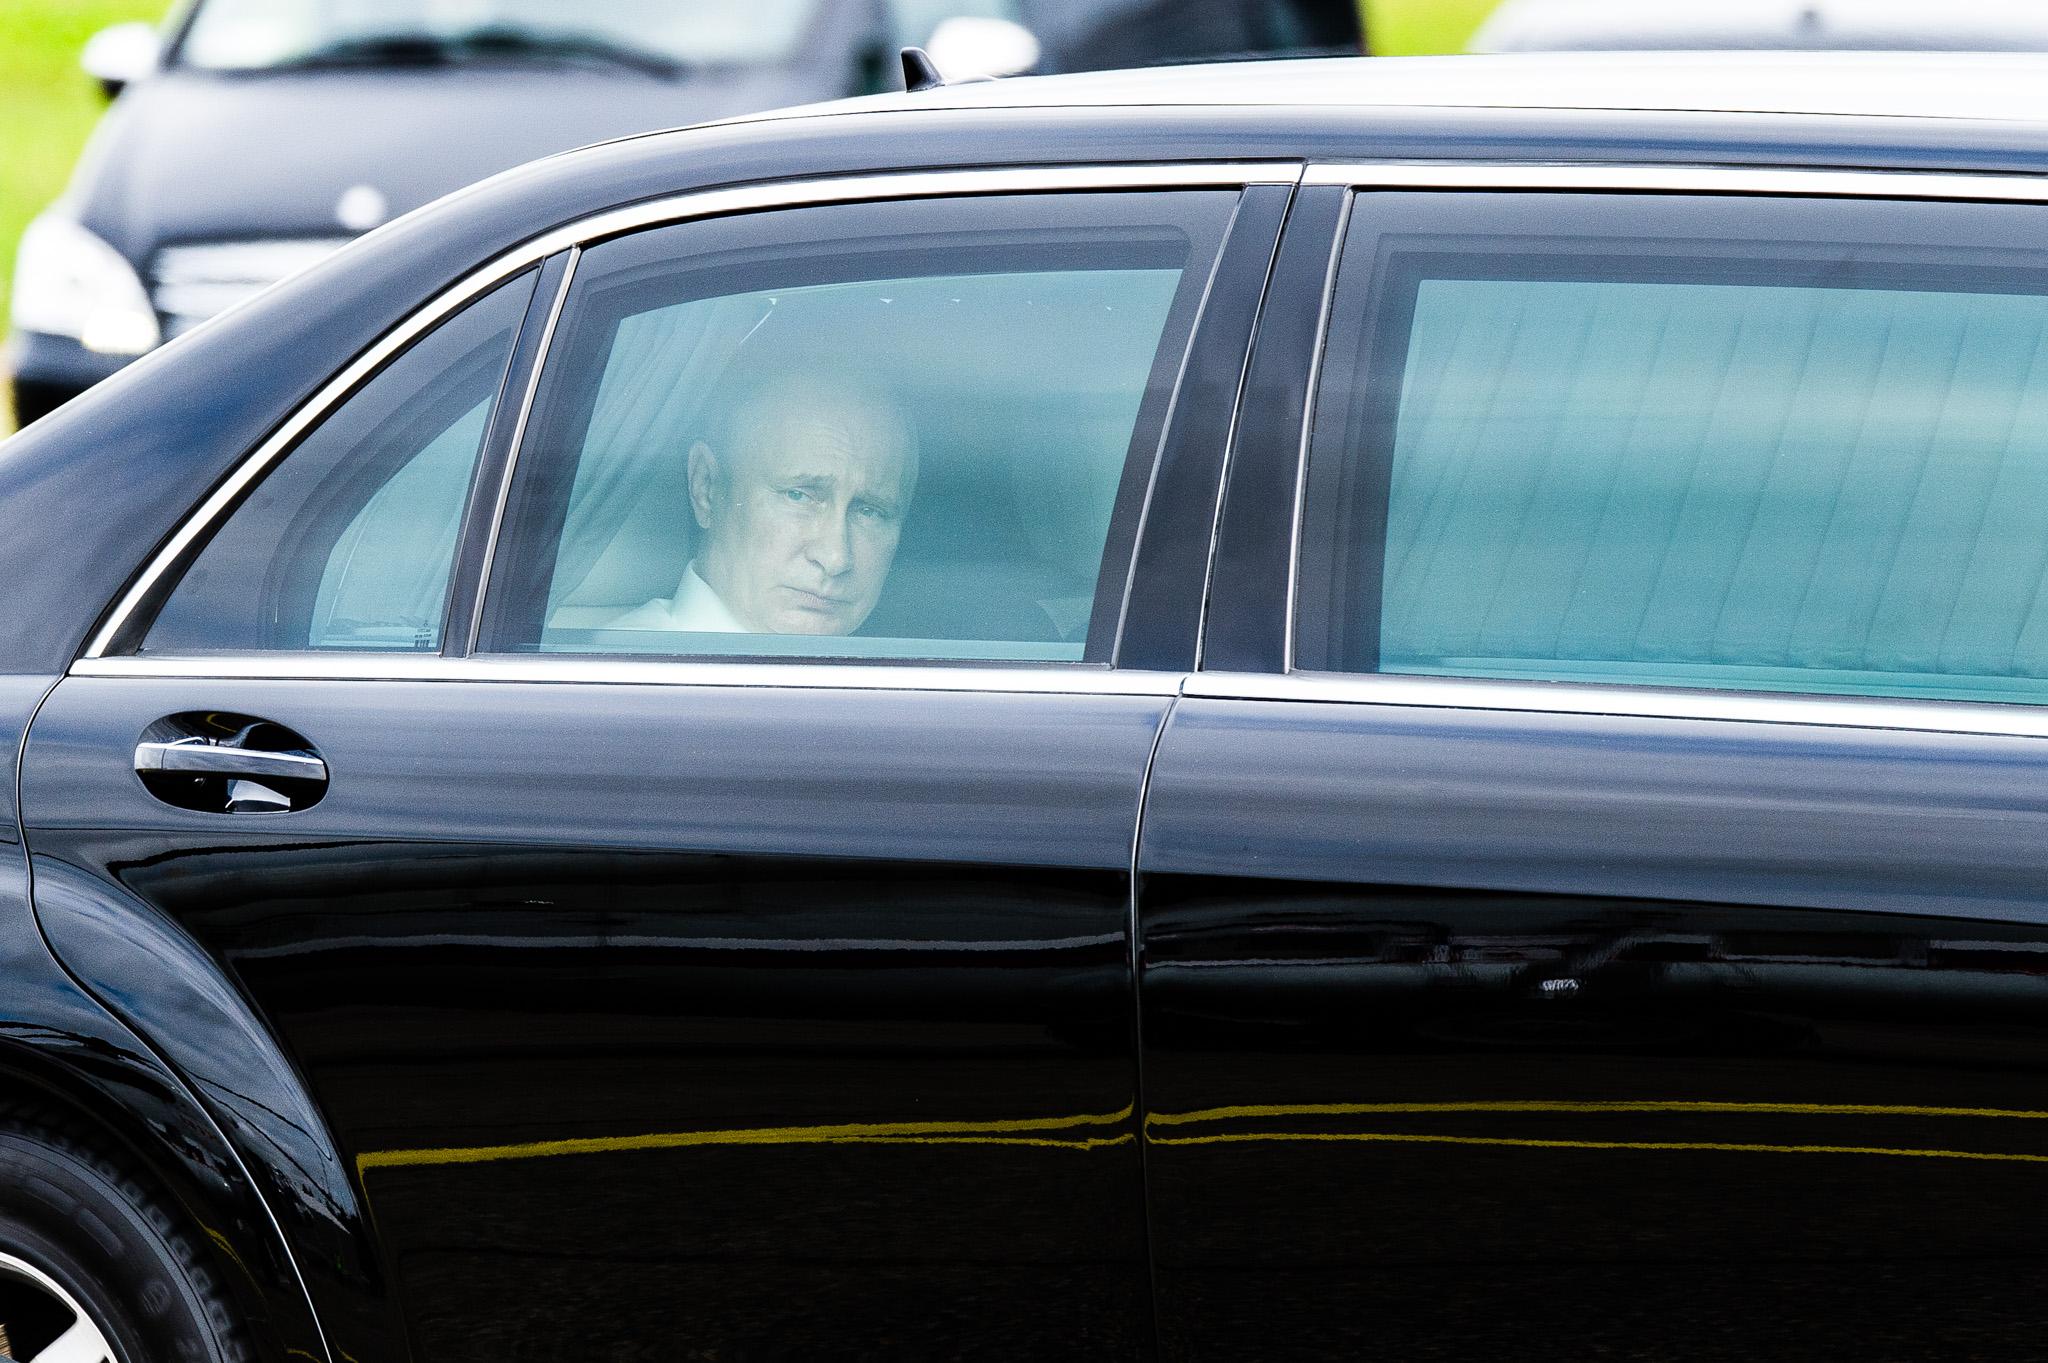 Vladimir Putin katsoo ulos limusiinistään Savonlinnan lentokentälle hetki saapumisen jälkeen, Iltalehti 2017.